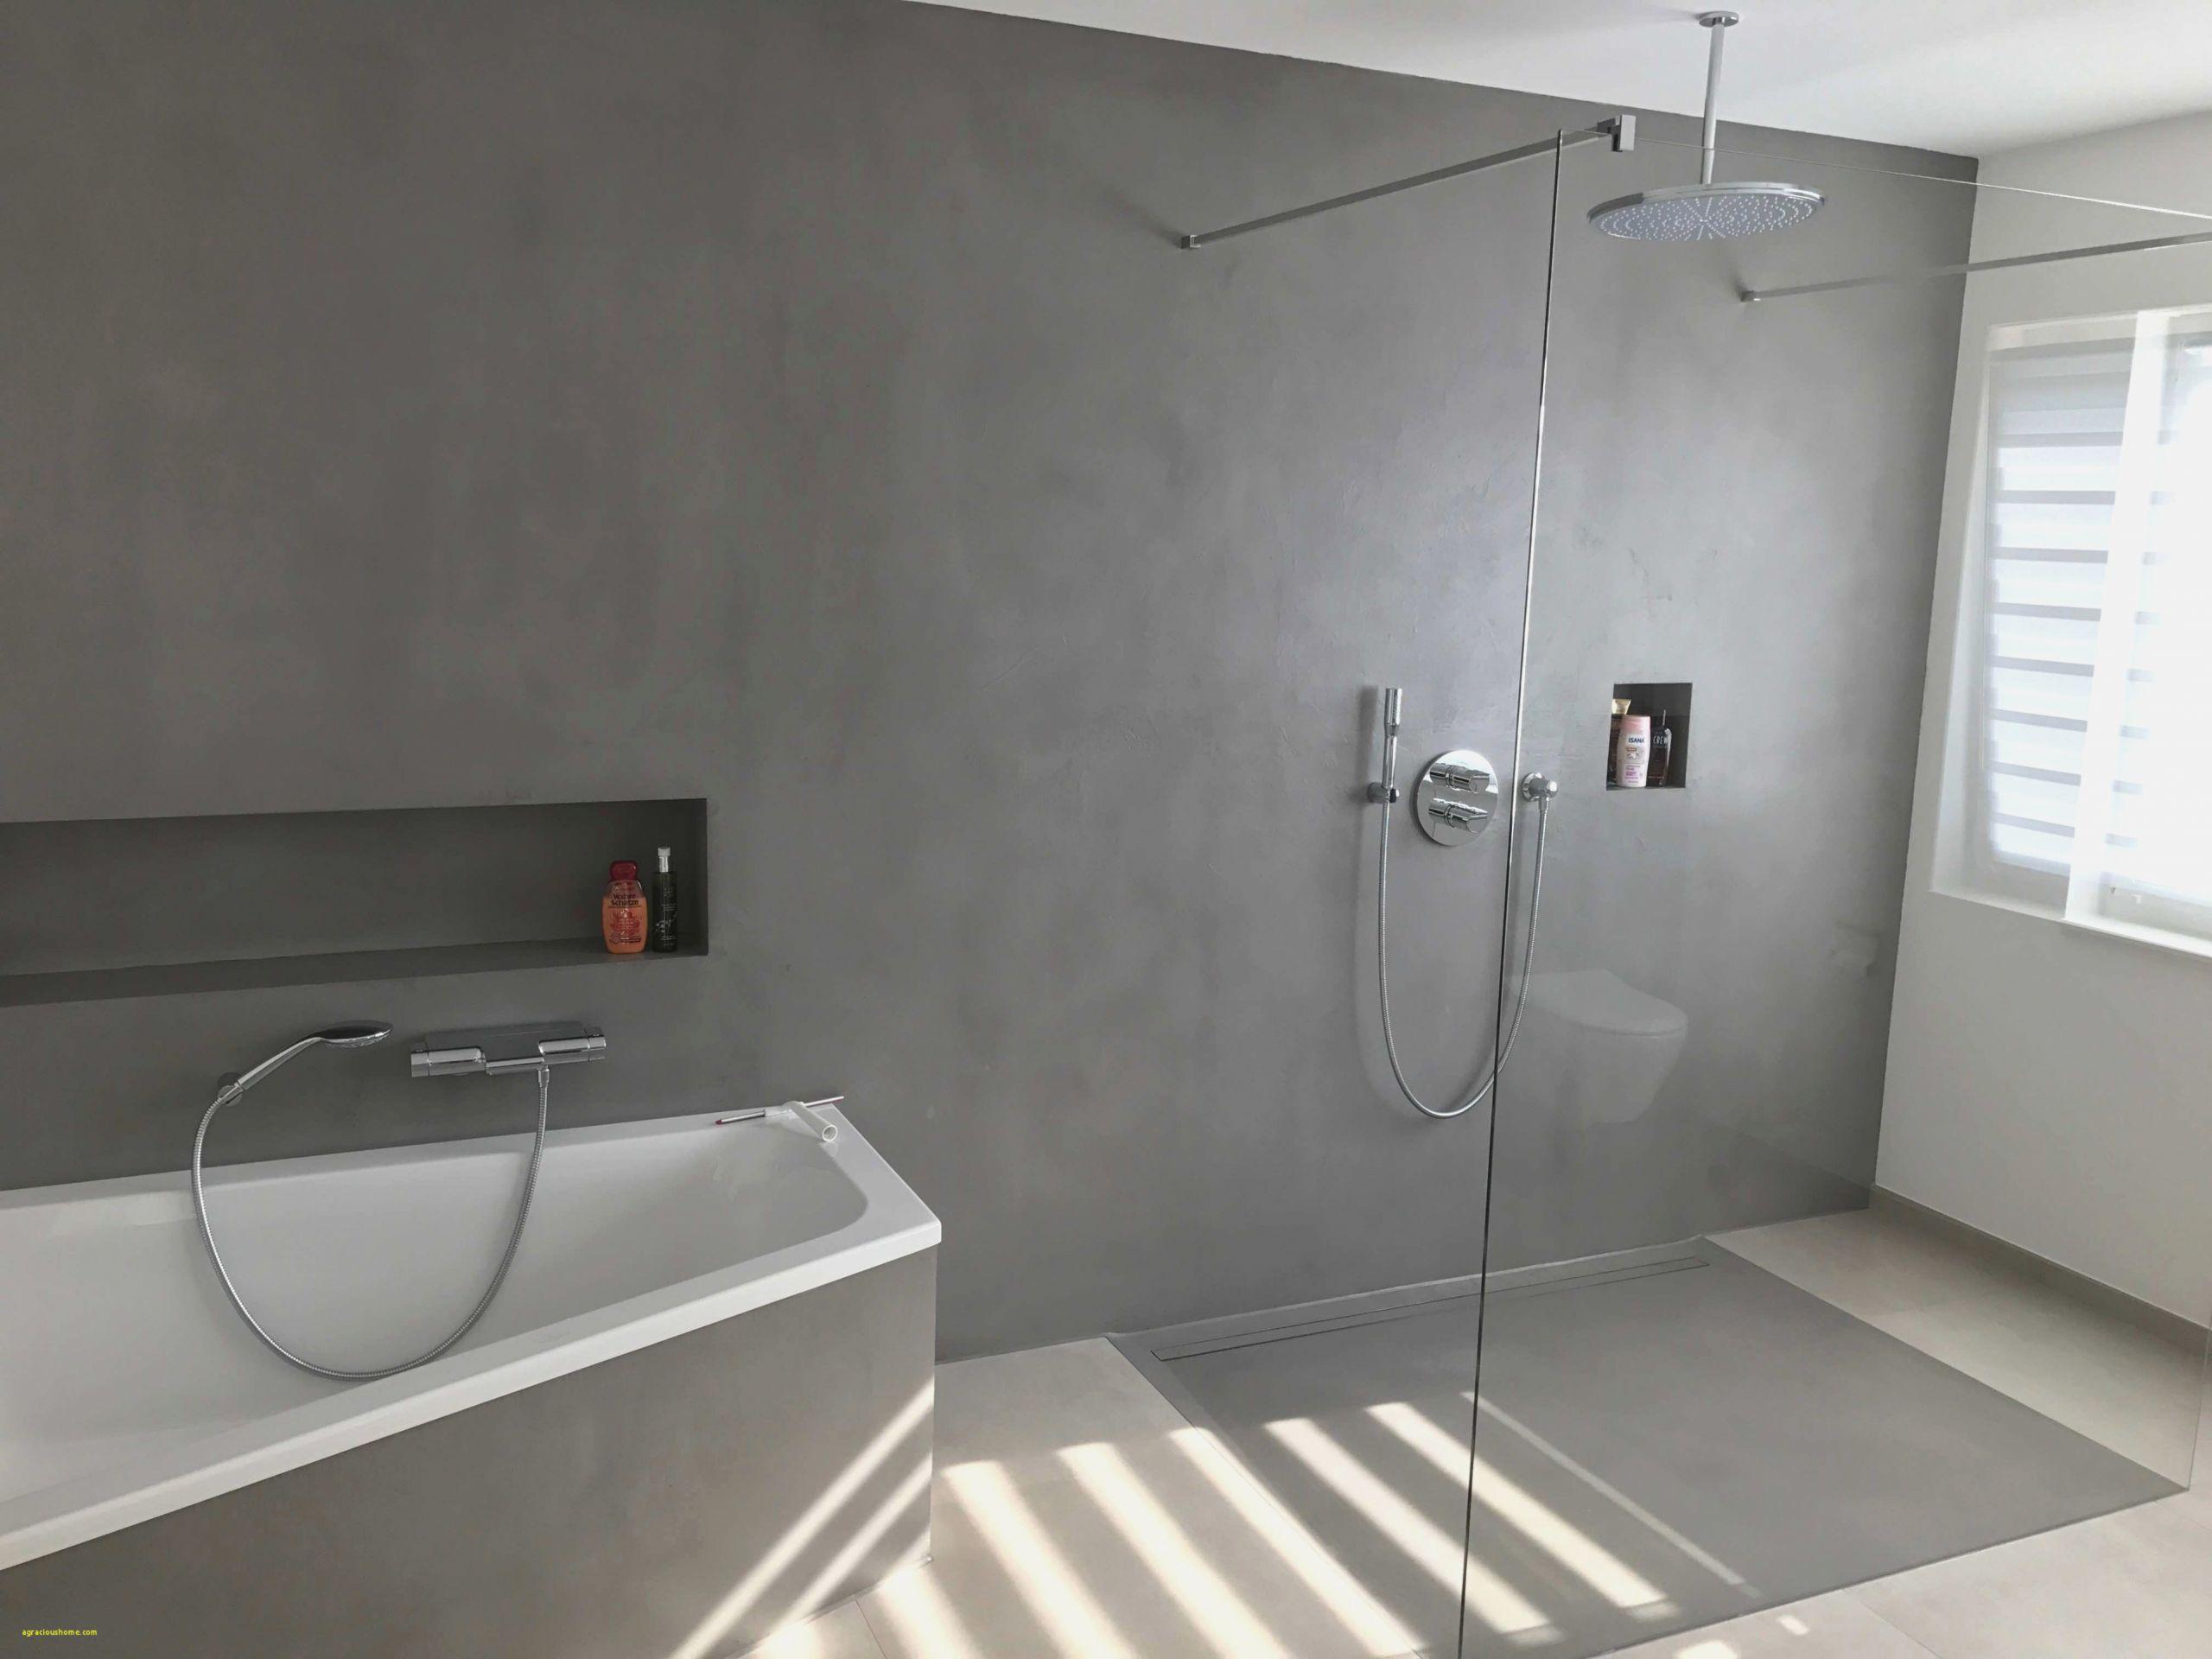 Full Size of Ebenerdige Dusche Kosten Begehbare Mischbatterie Grohe Thermostat Breuer Duschen Fliesen Bluetooth Lautsprecher Ikea Küche Glasabtrennung Schulte Hsk Dusche Ebenerdige Dusche Kosten